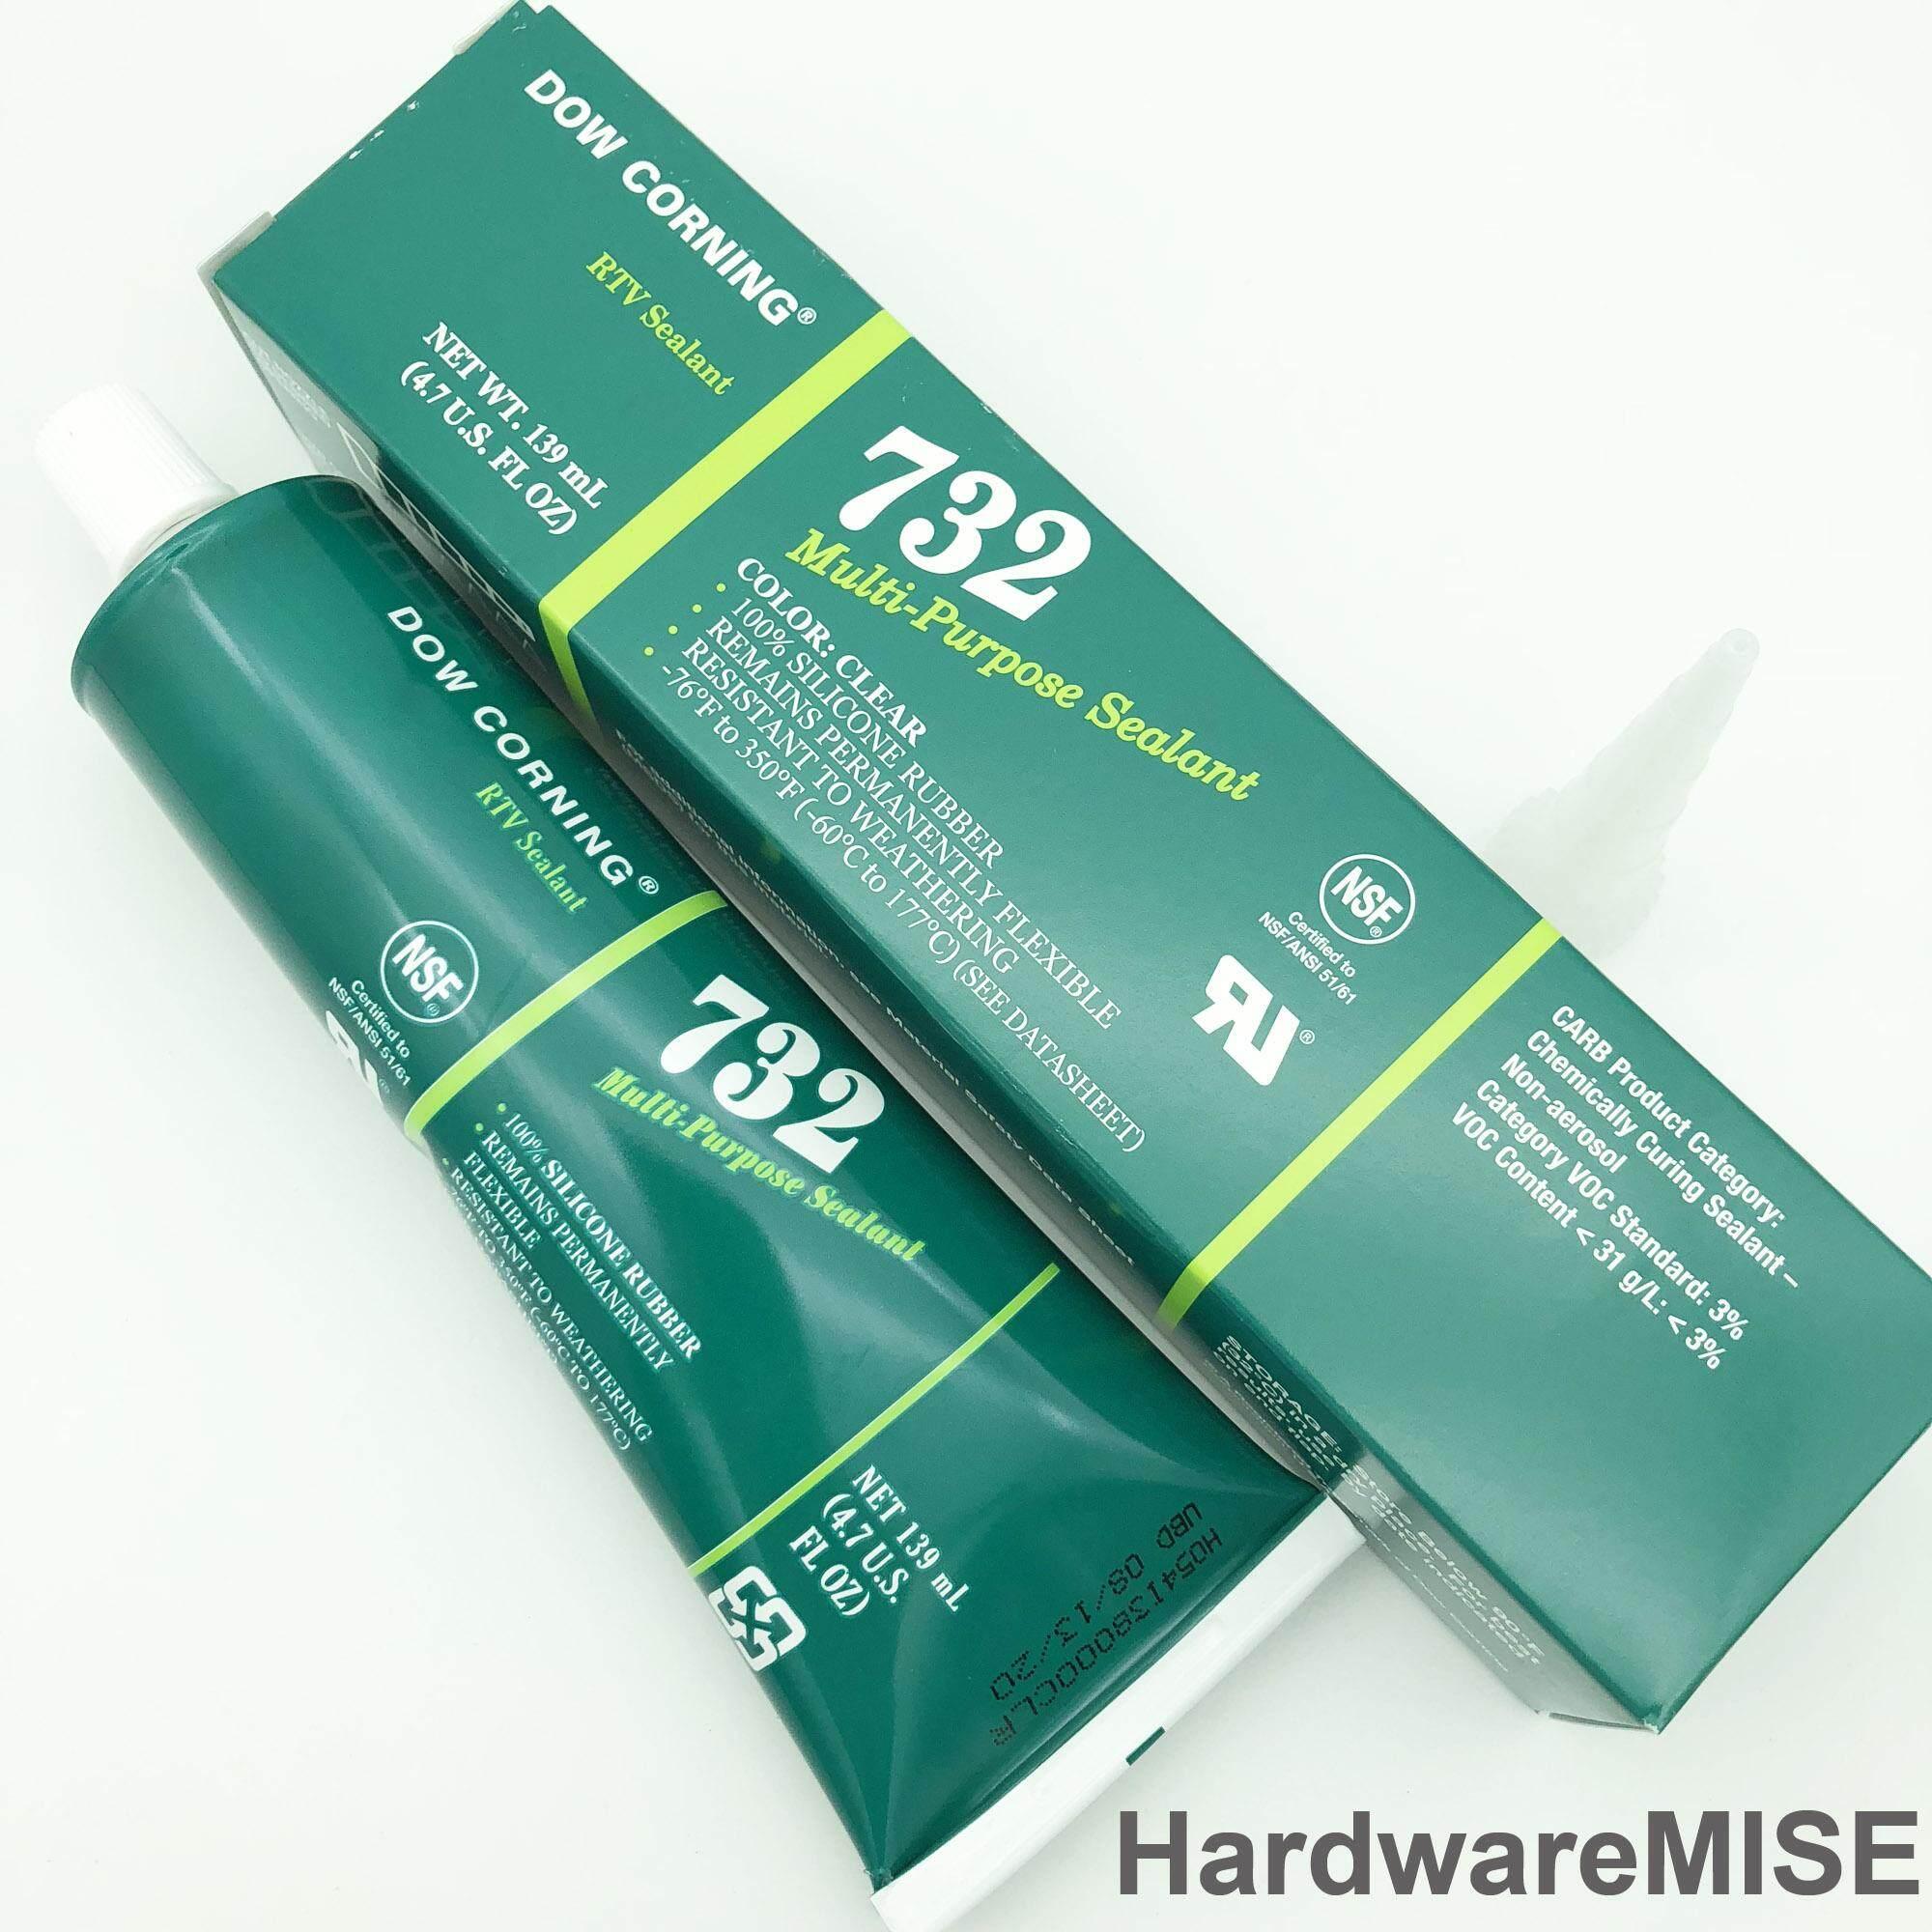 Dow Corning 732 Multi-Purpose Silicone Sealant 139ml per tube